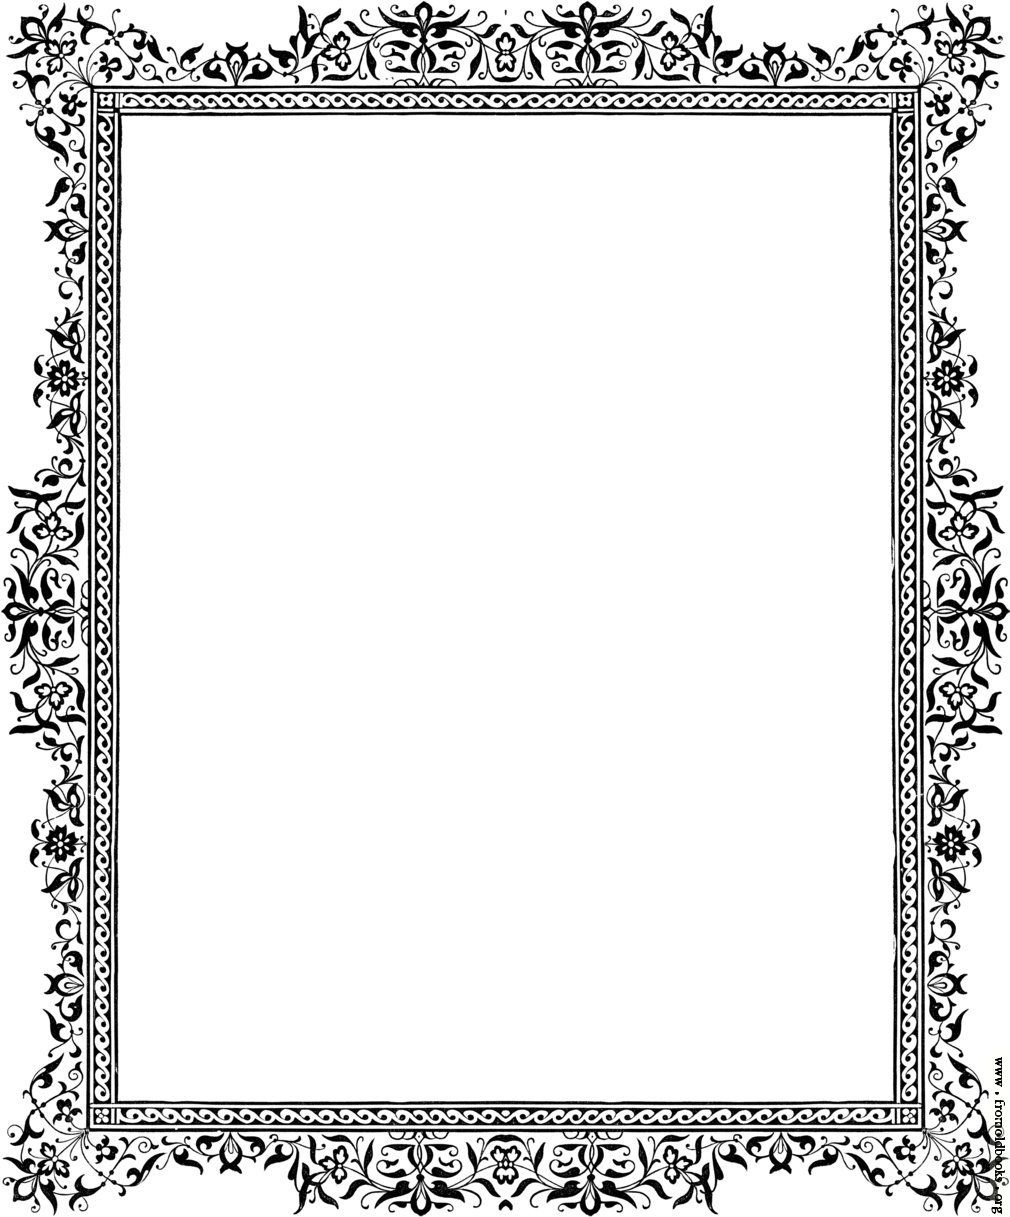 Image of Clipart Border Design | border corner | Pinterest ...